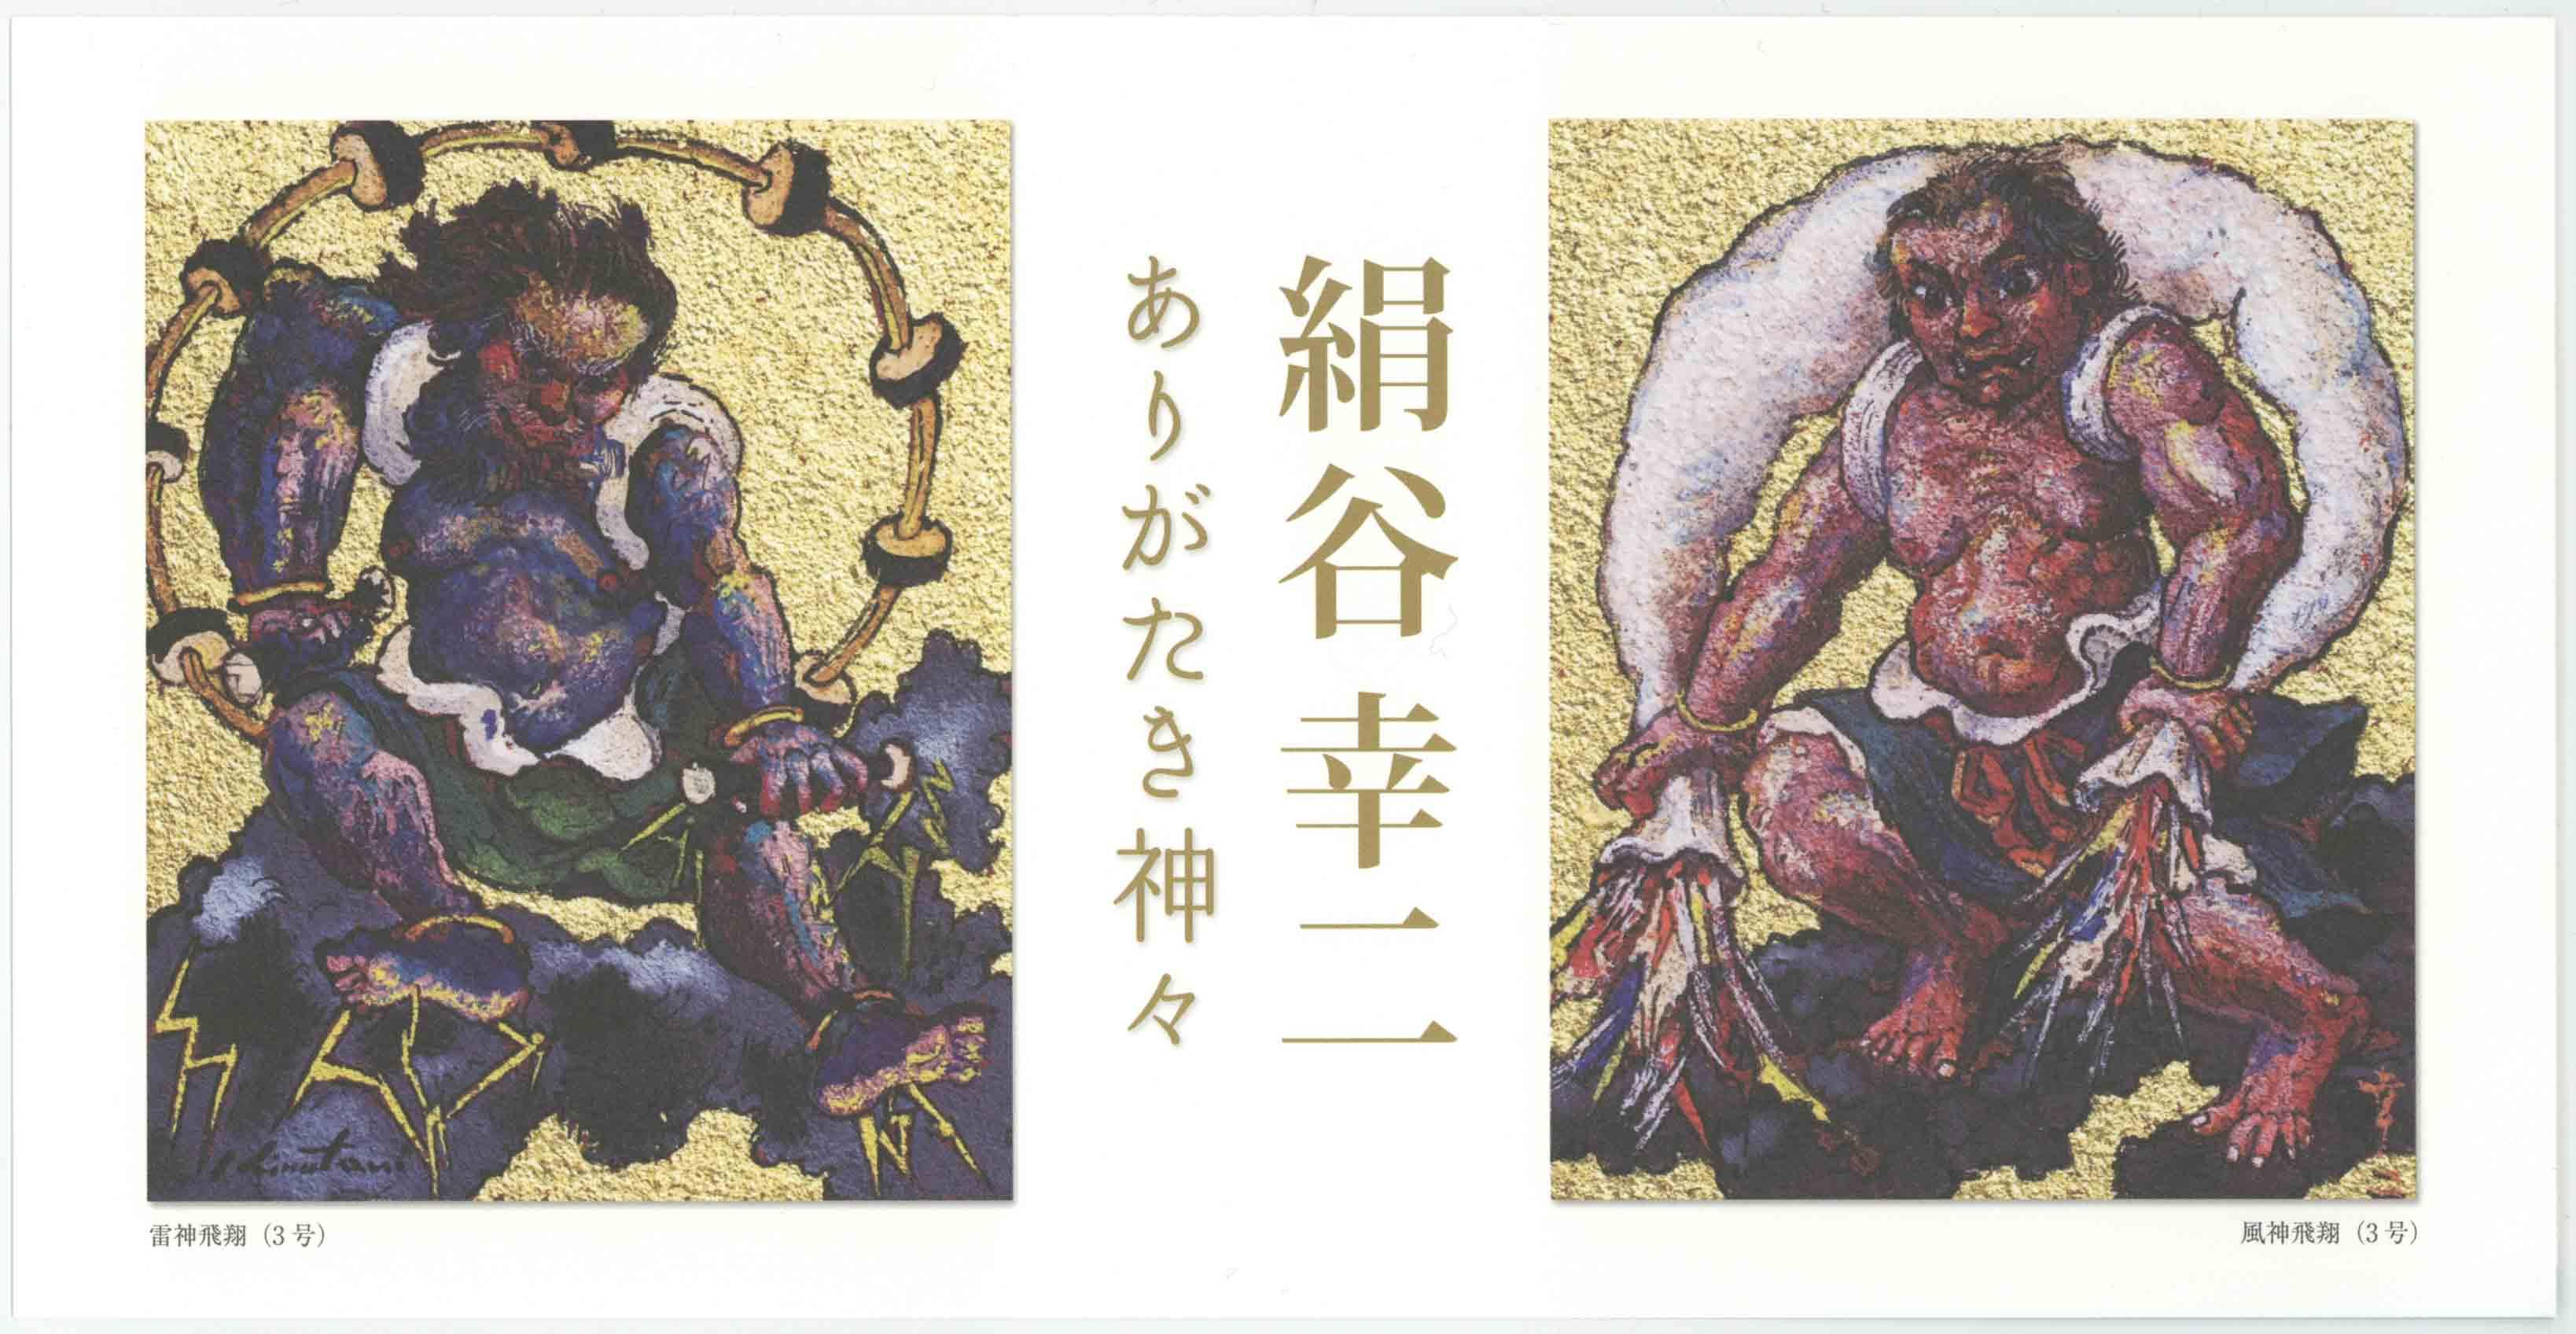 第二十回 東美特別展 絹谷幸二 ありがたき神々